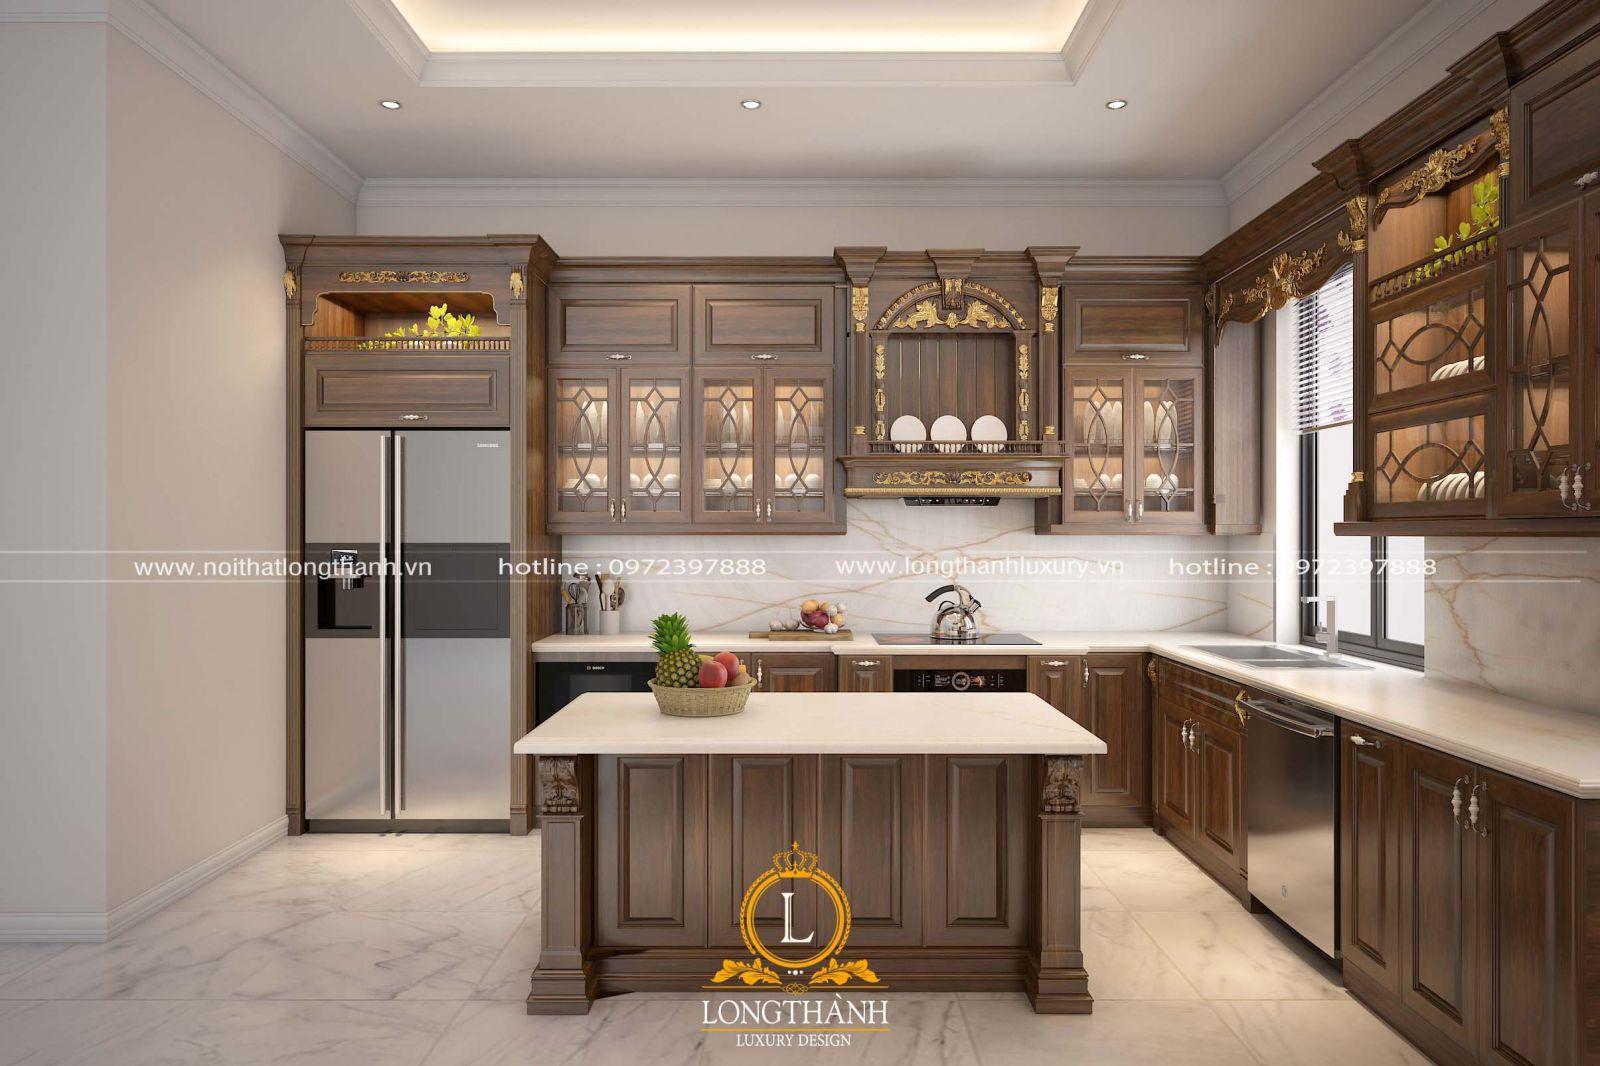 Tủ bếp gỗ Gõ sơn màu nâu điểm chút dát vàng làm nổi bật cả không gian